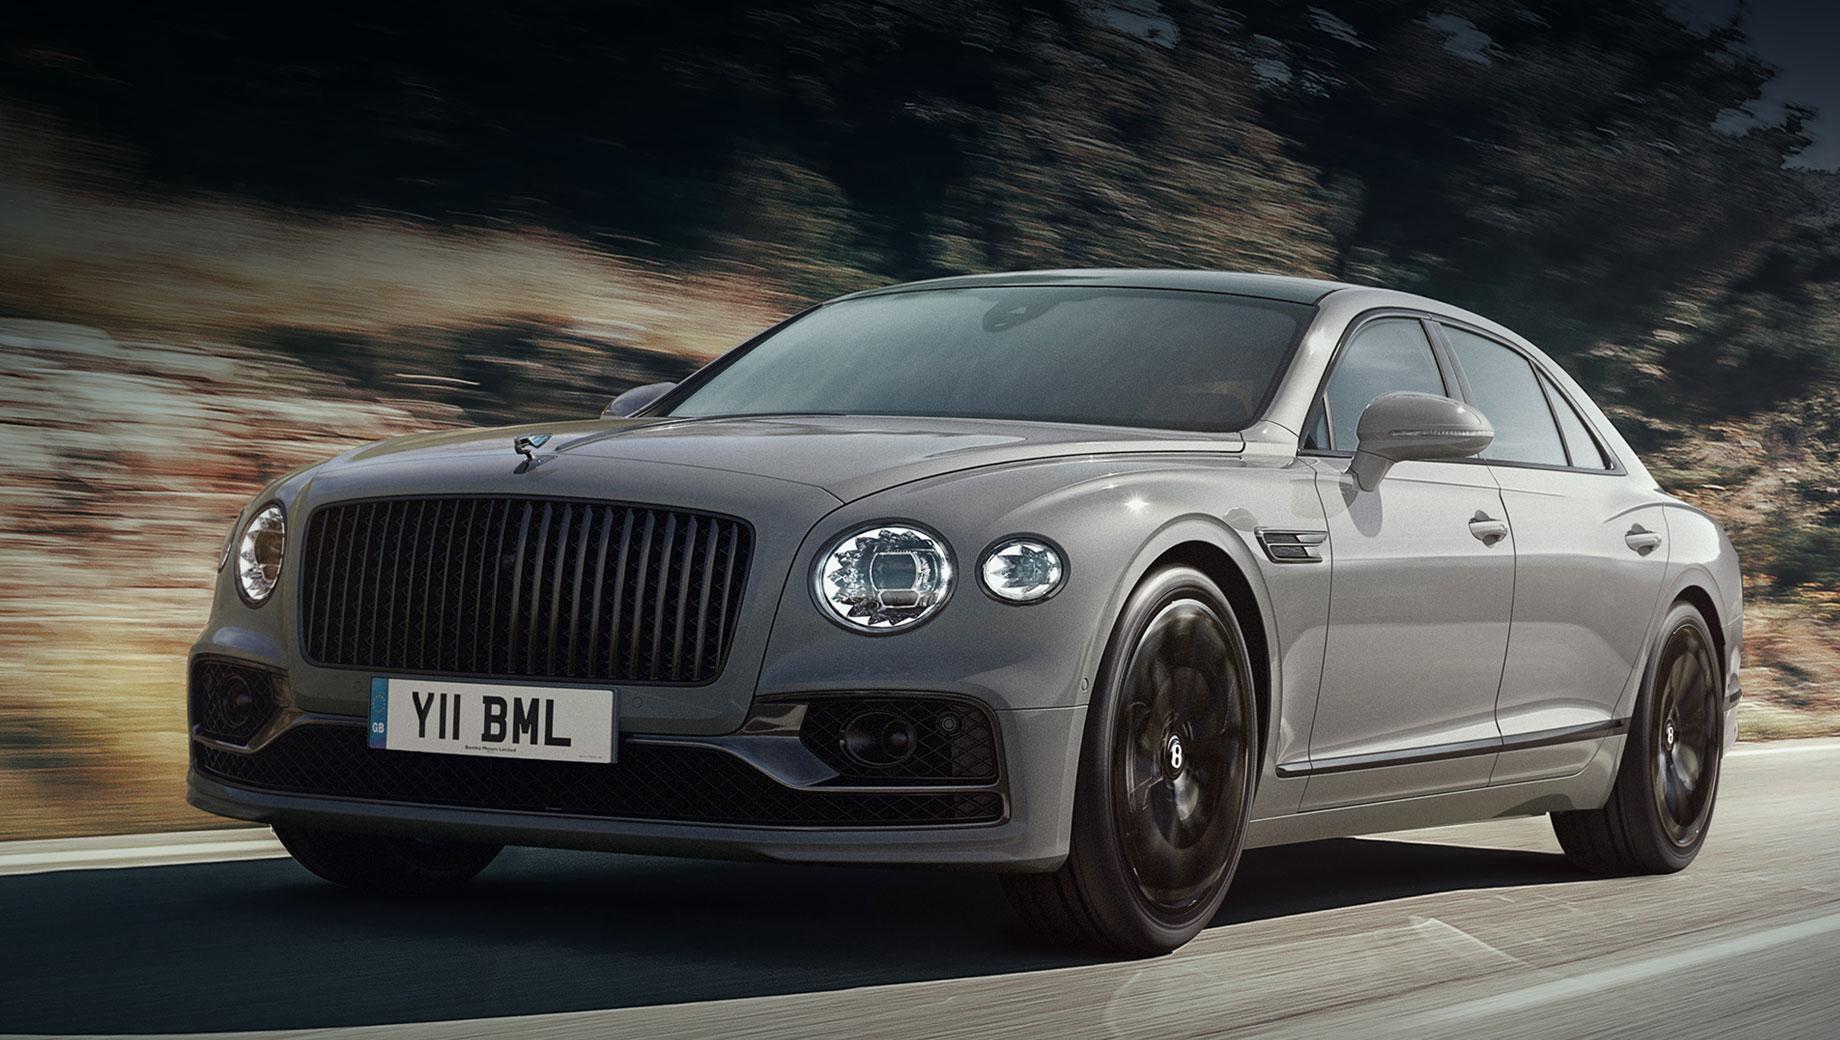 Седан Bentley Flying Spur претерпел скромное обновление